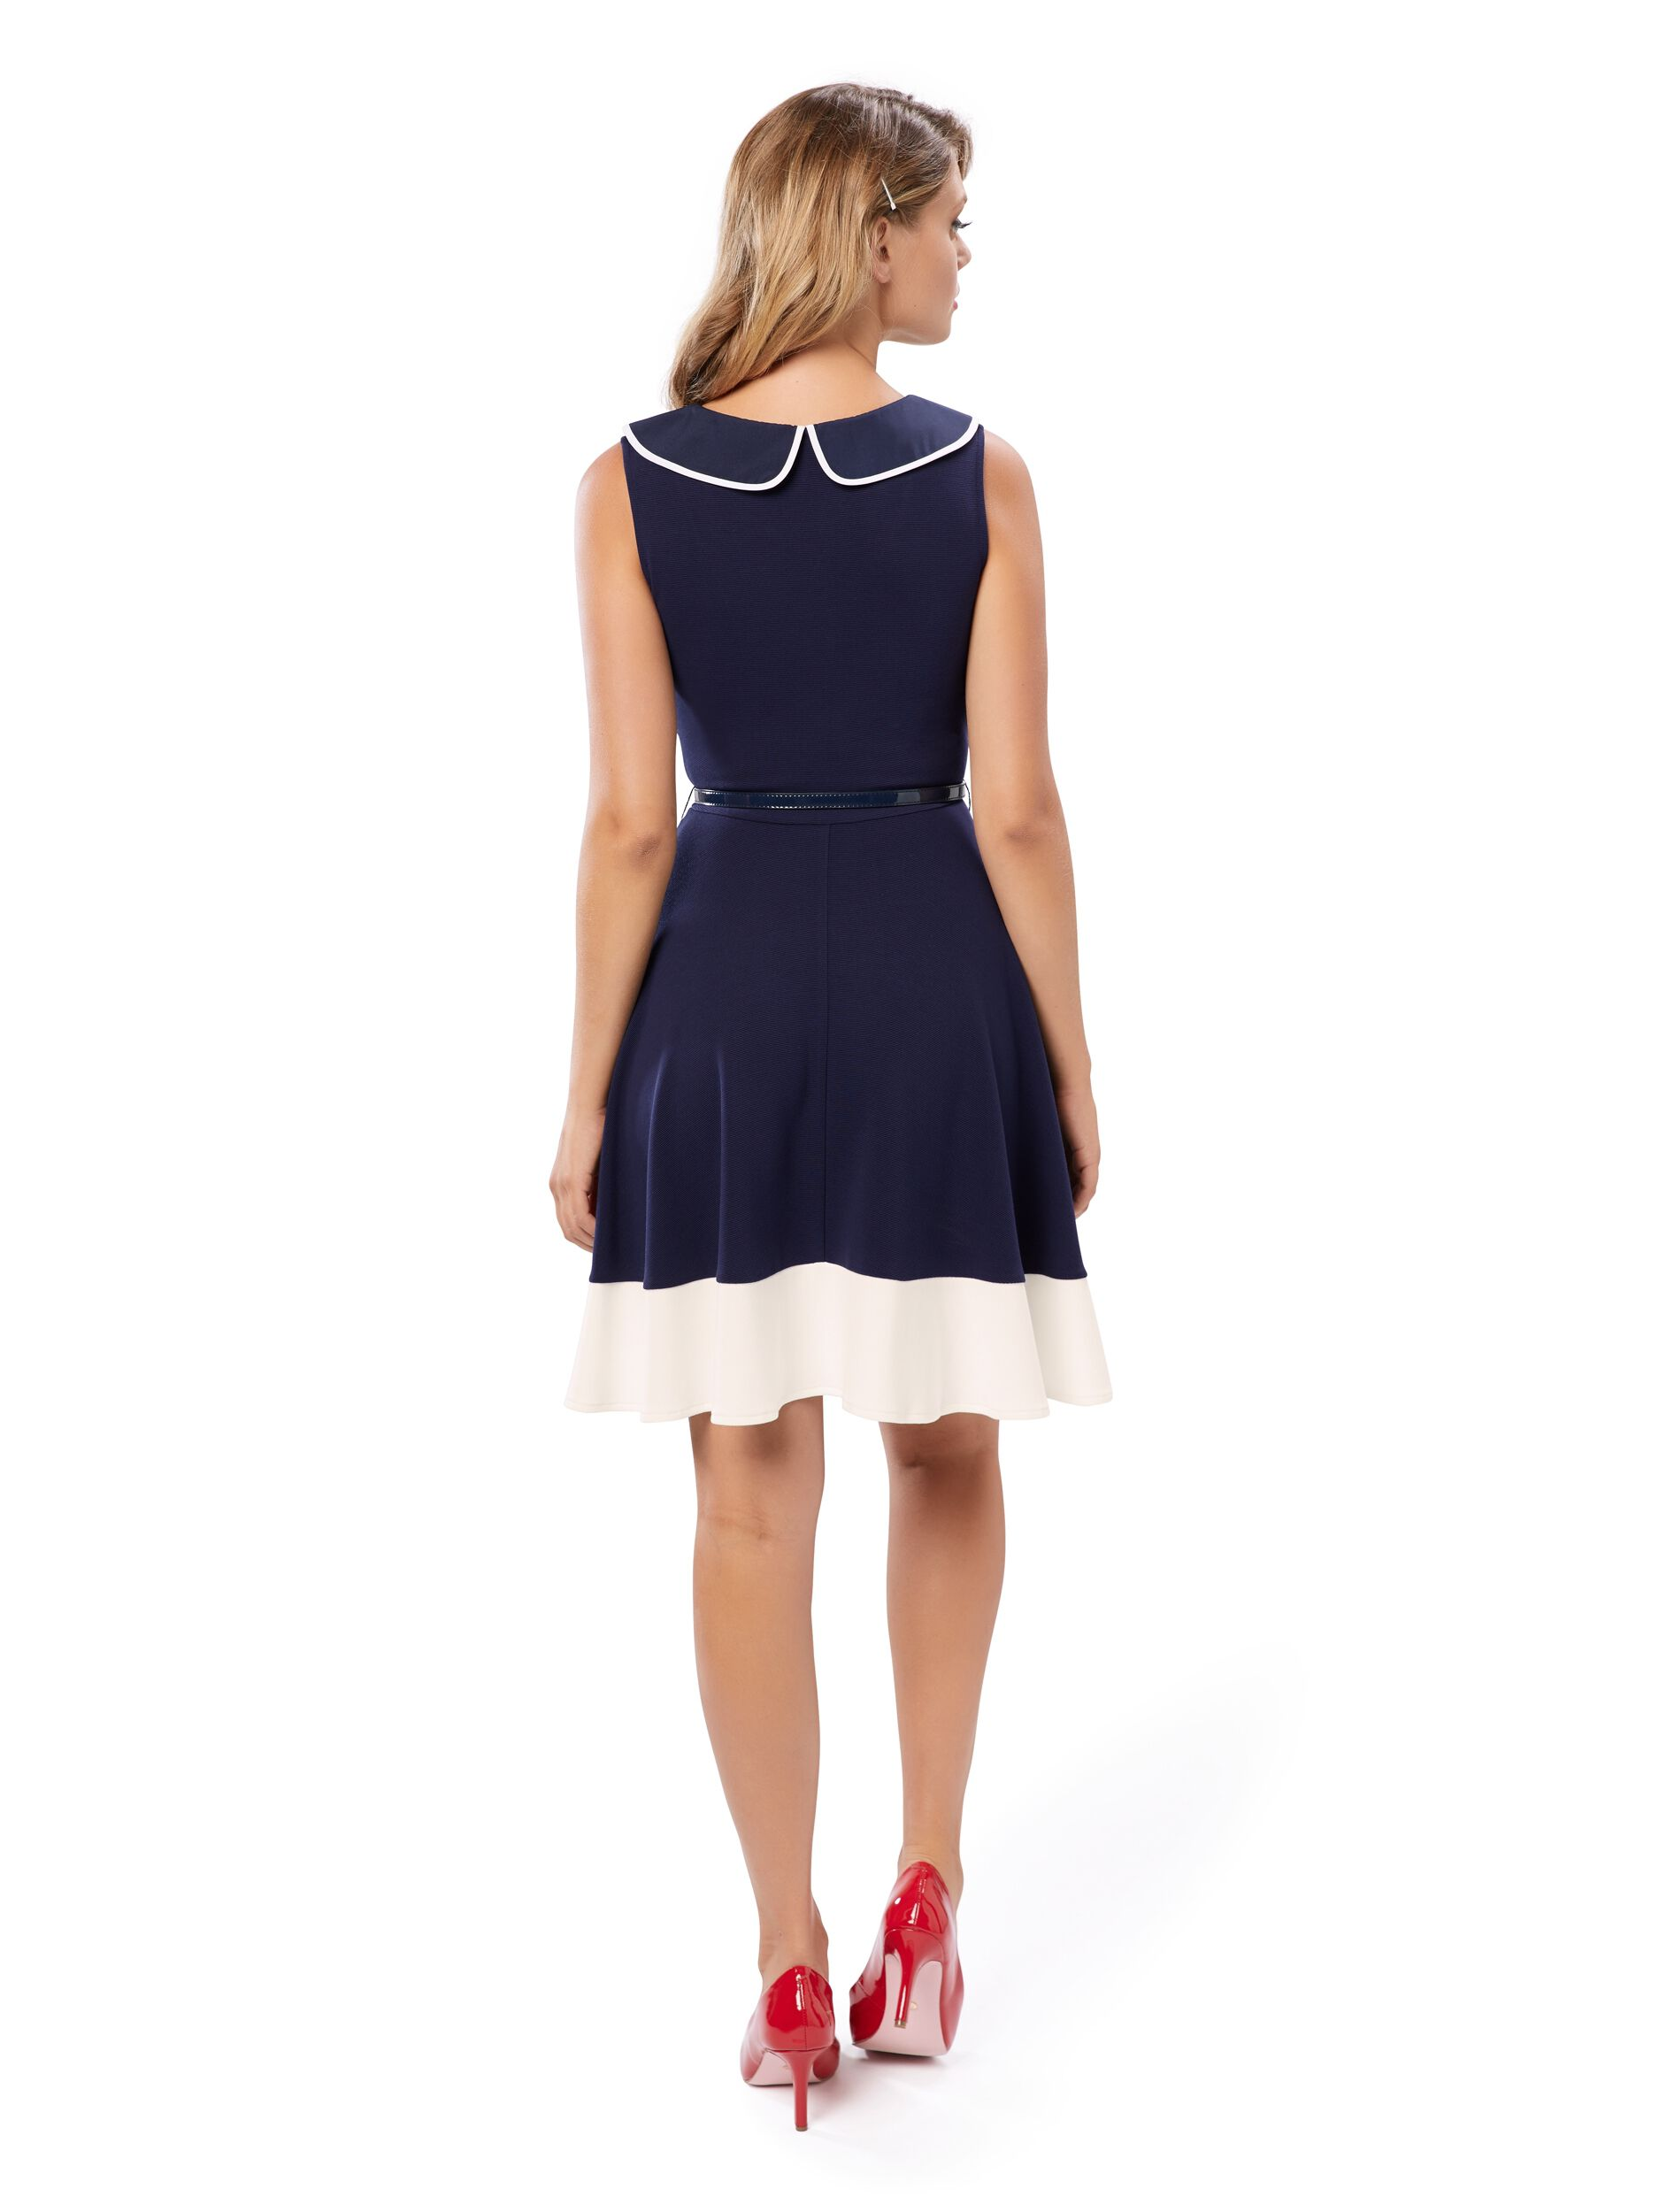 Sail Away With Me Dress